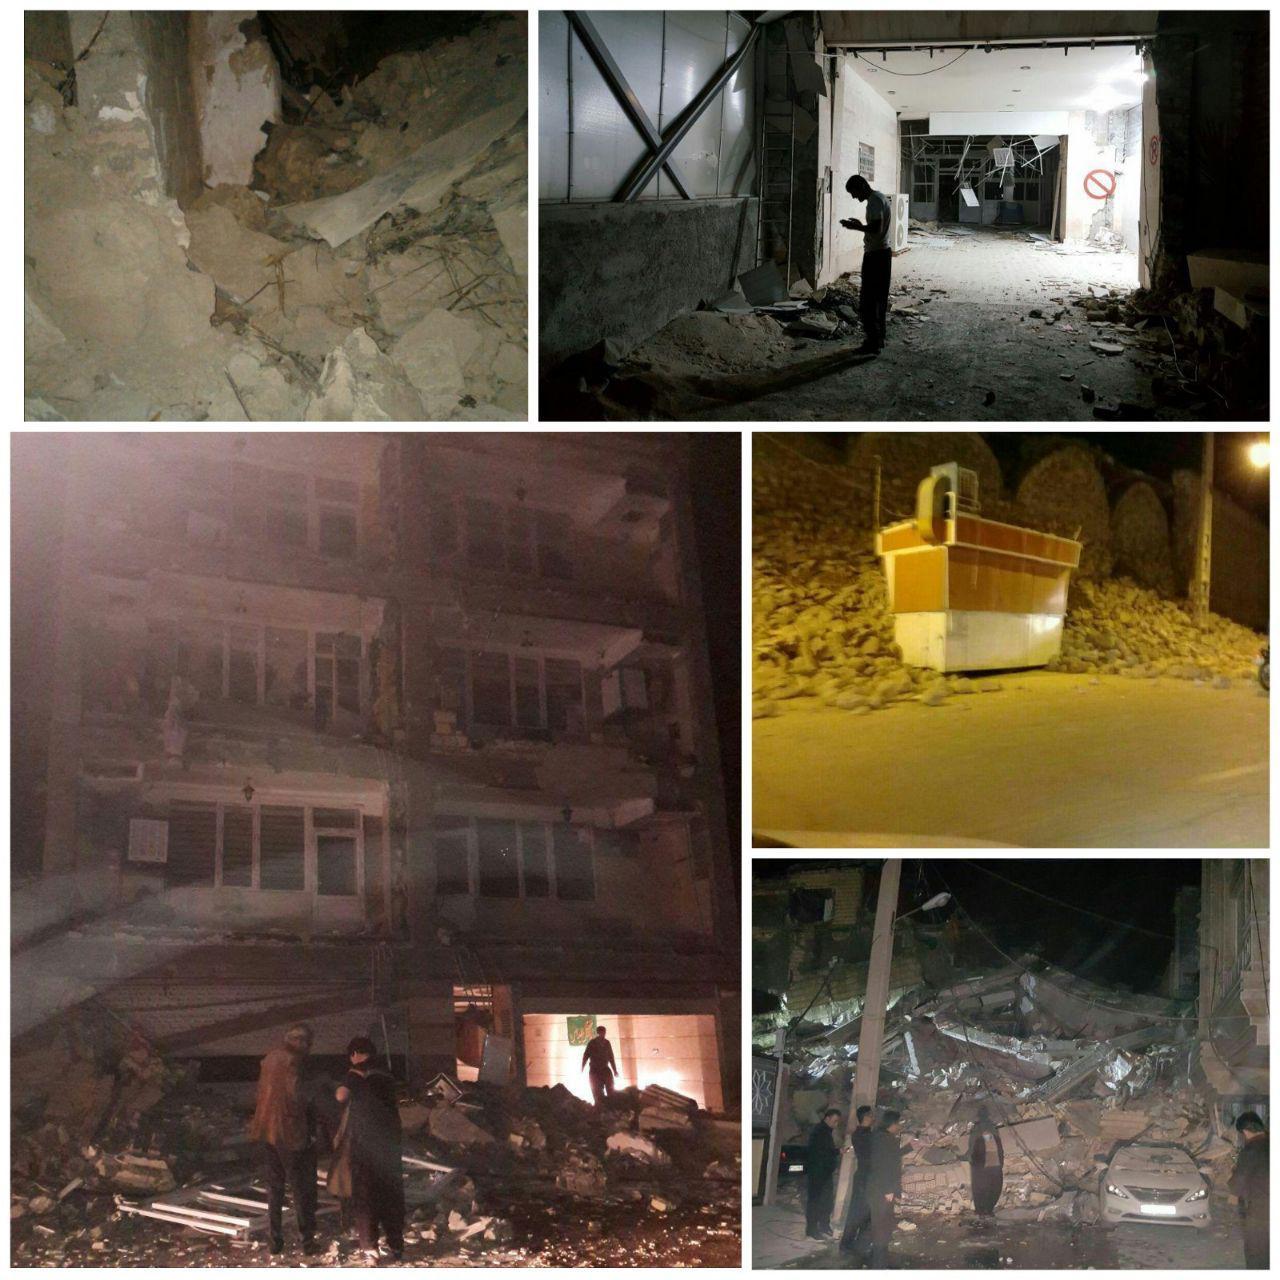 فوت و مجروحیت افراد زیادی در قصرشیرین، سرپل ذهاب و دیگر شهرهای ایران و عراق